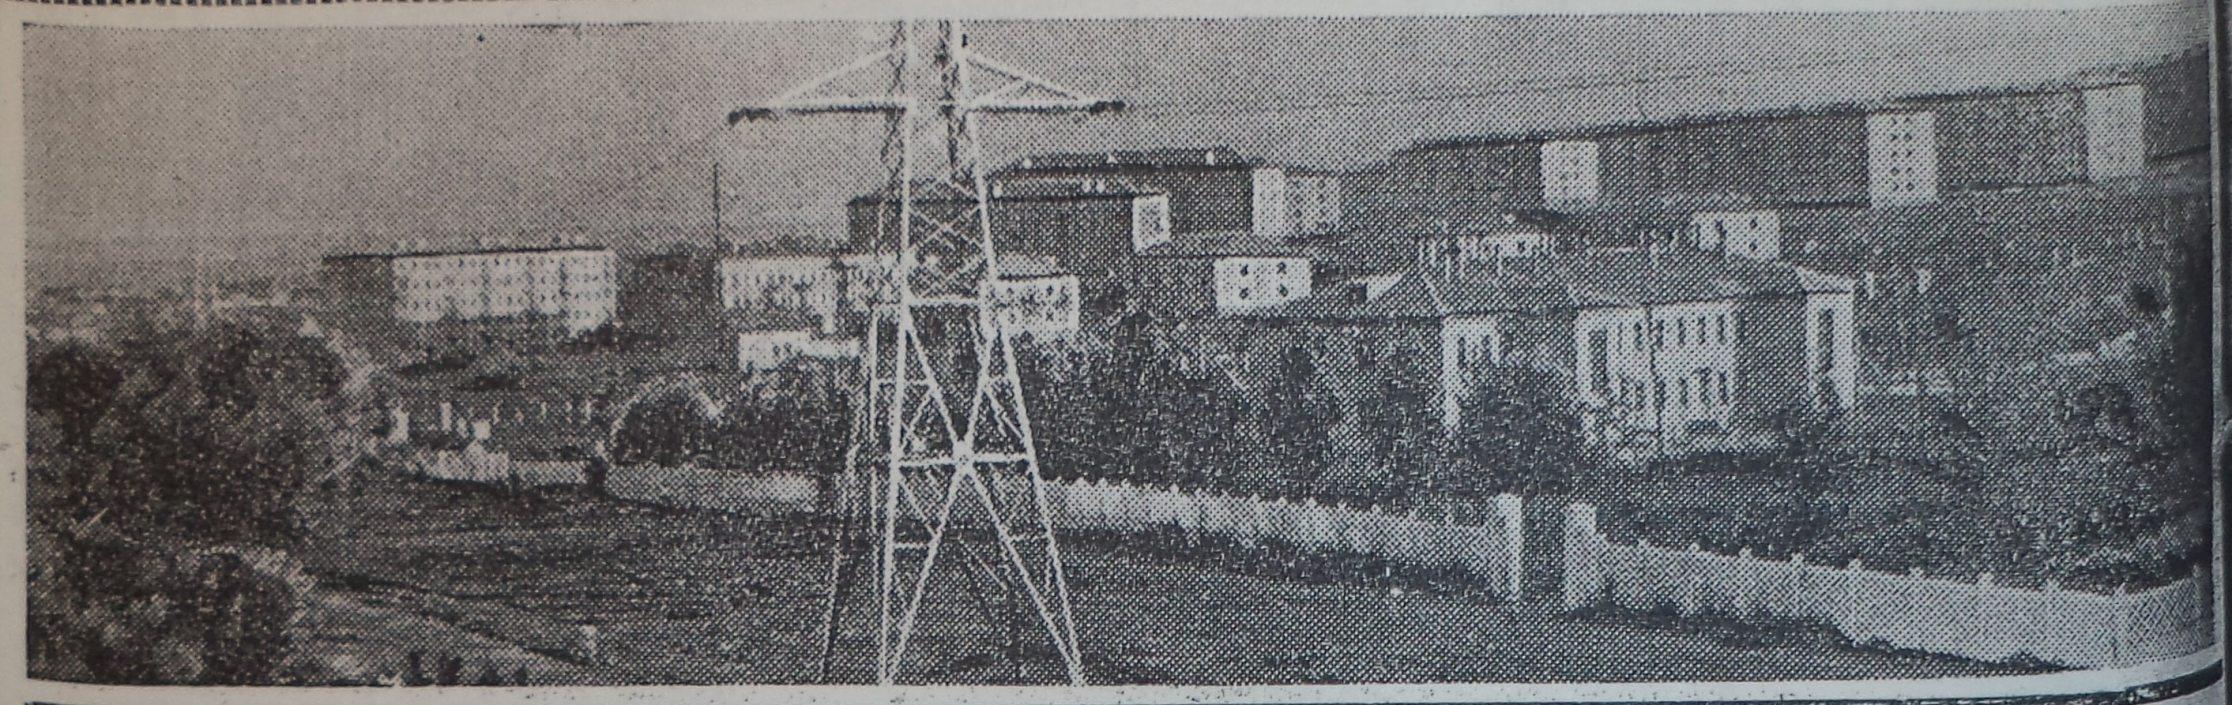 СА-ФОТО-018-ВКц-1965-09-08-фото СА у ст-на Заря-min